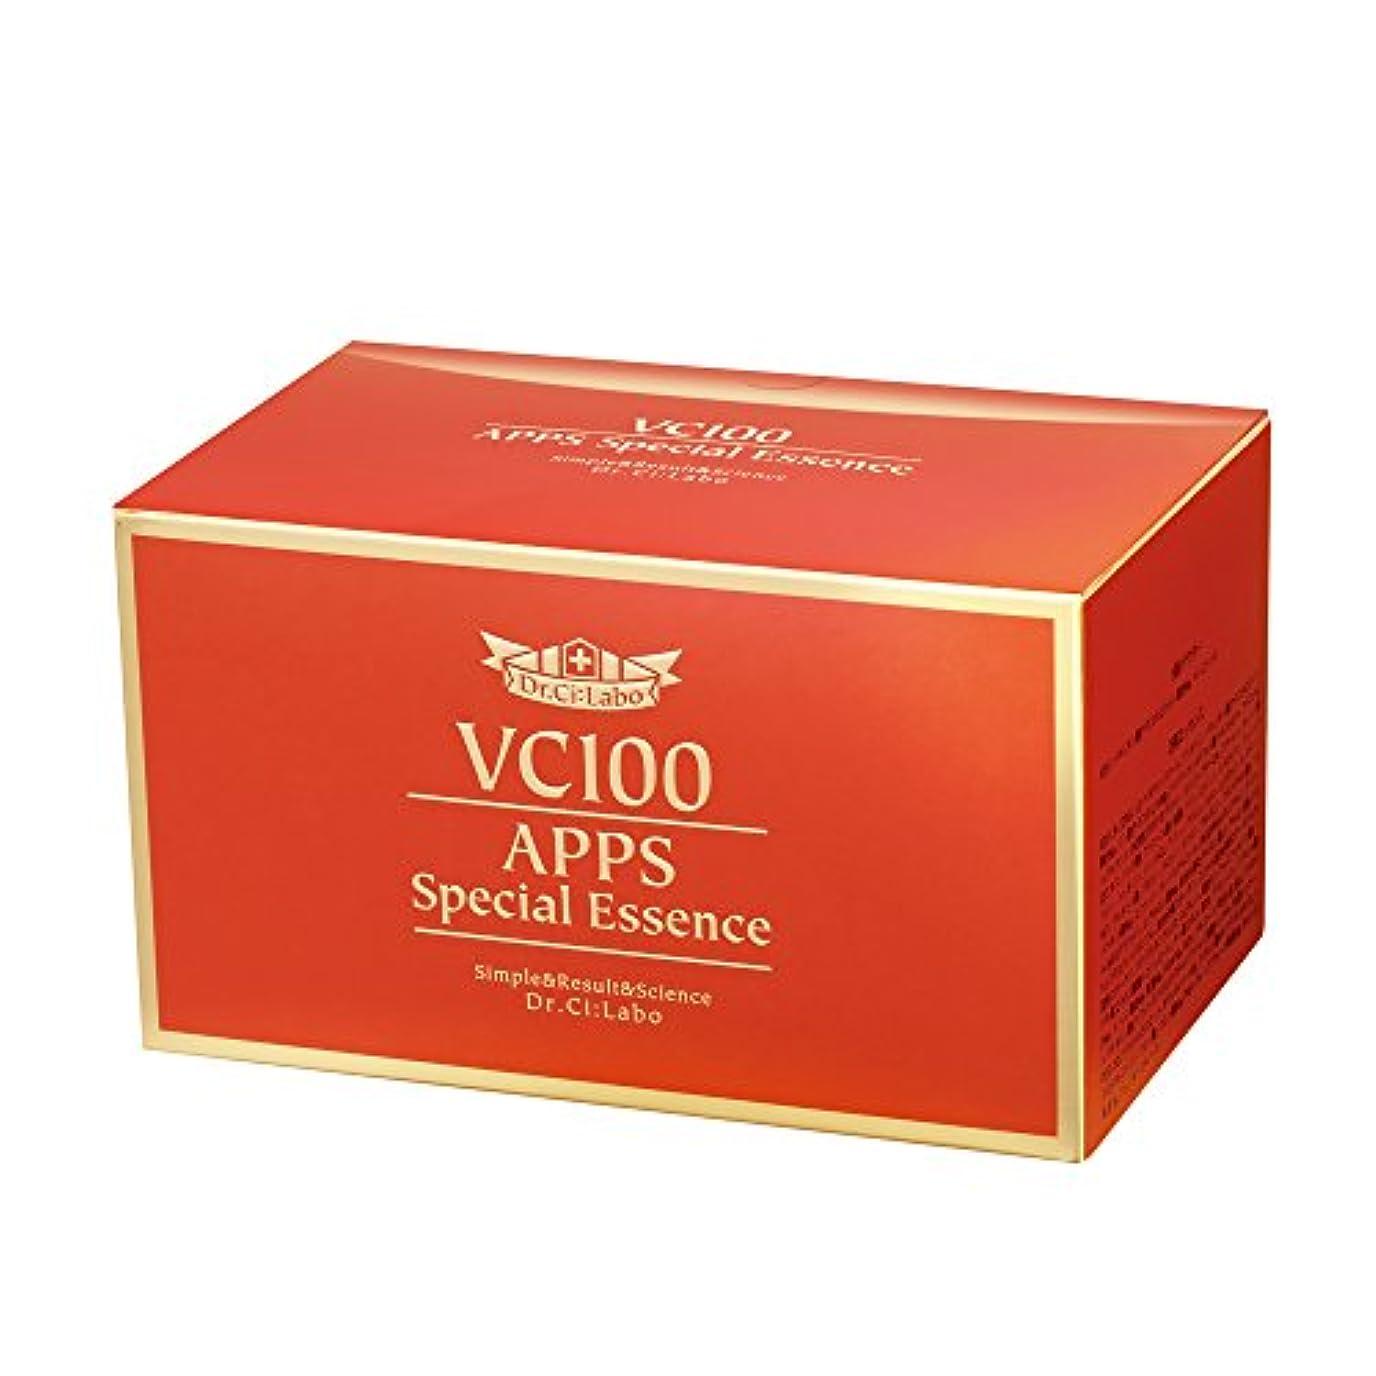 申請中タワー囲いドクターシーラボ VC100APPSスペシャルエッセンス 7日分×4セット 集中美容液